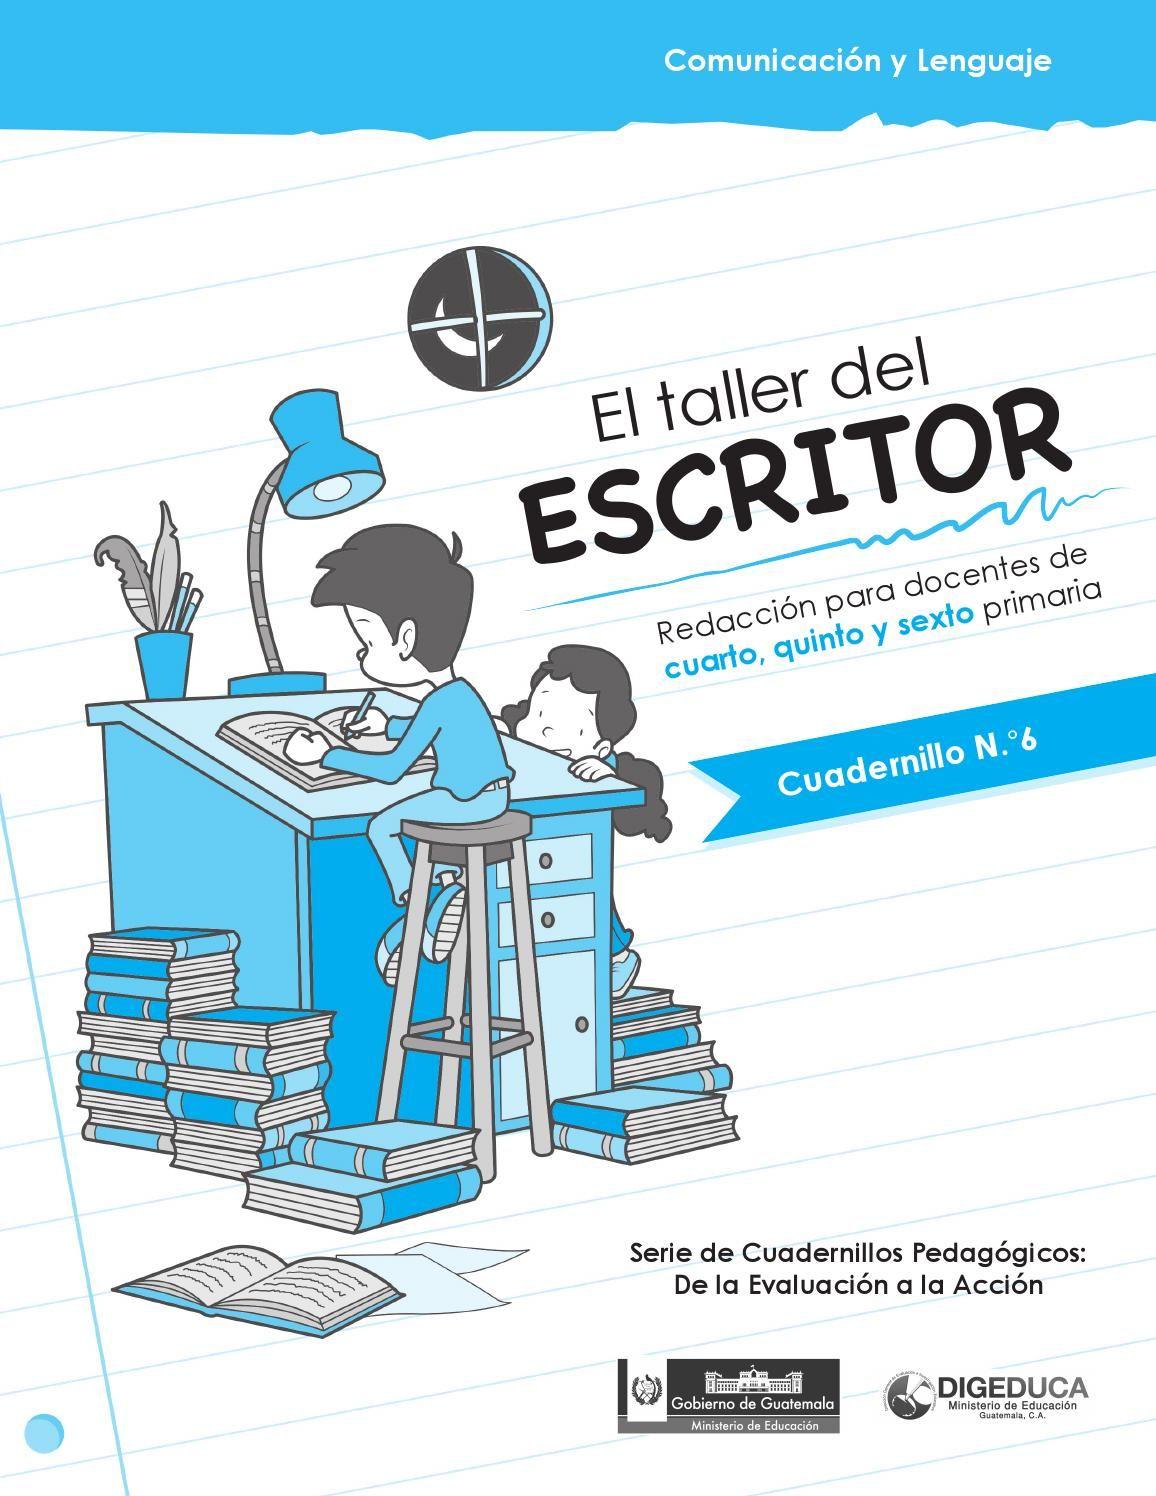 El taller del escritor. Redacción para docentes de cuarto, quinto y sexto primaria  Serie de Cuadernillos Pedagógicos: De la Evaluación a la Acción